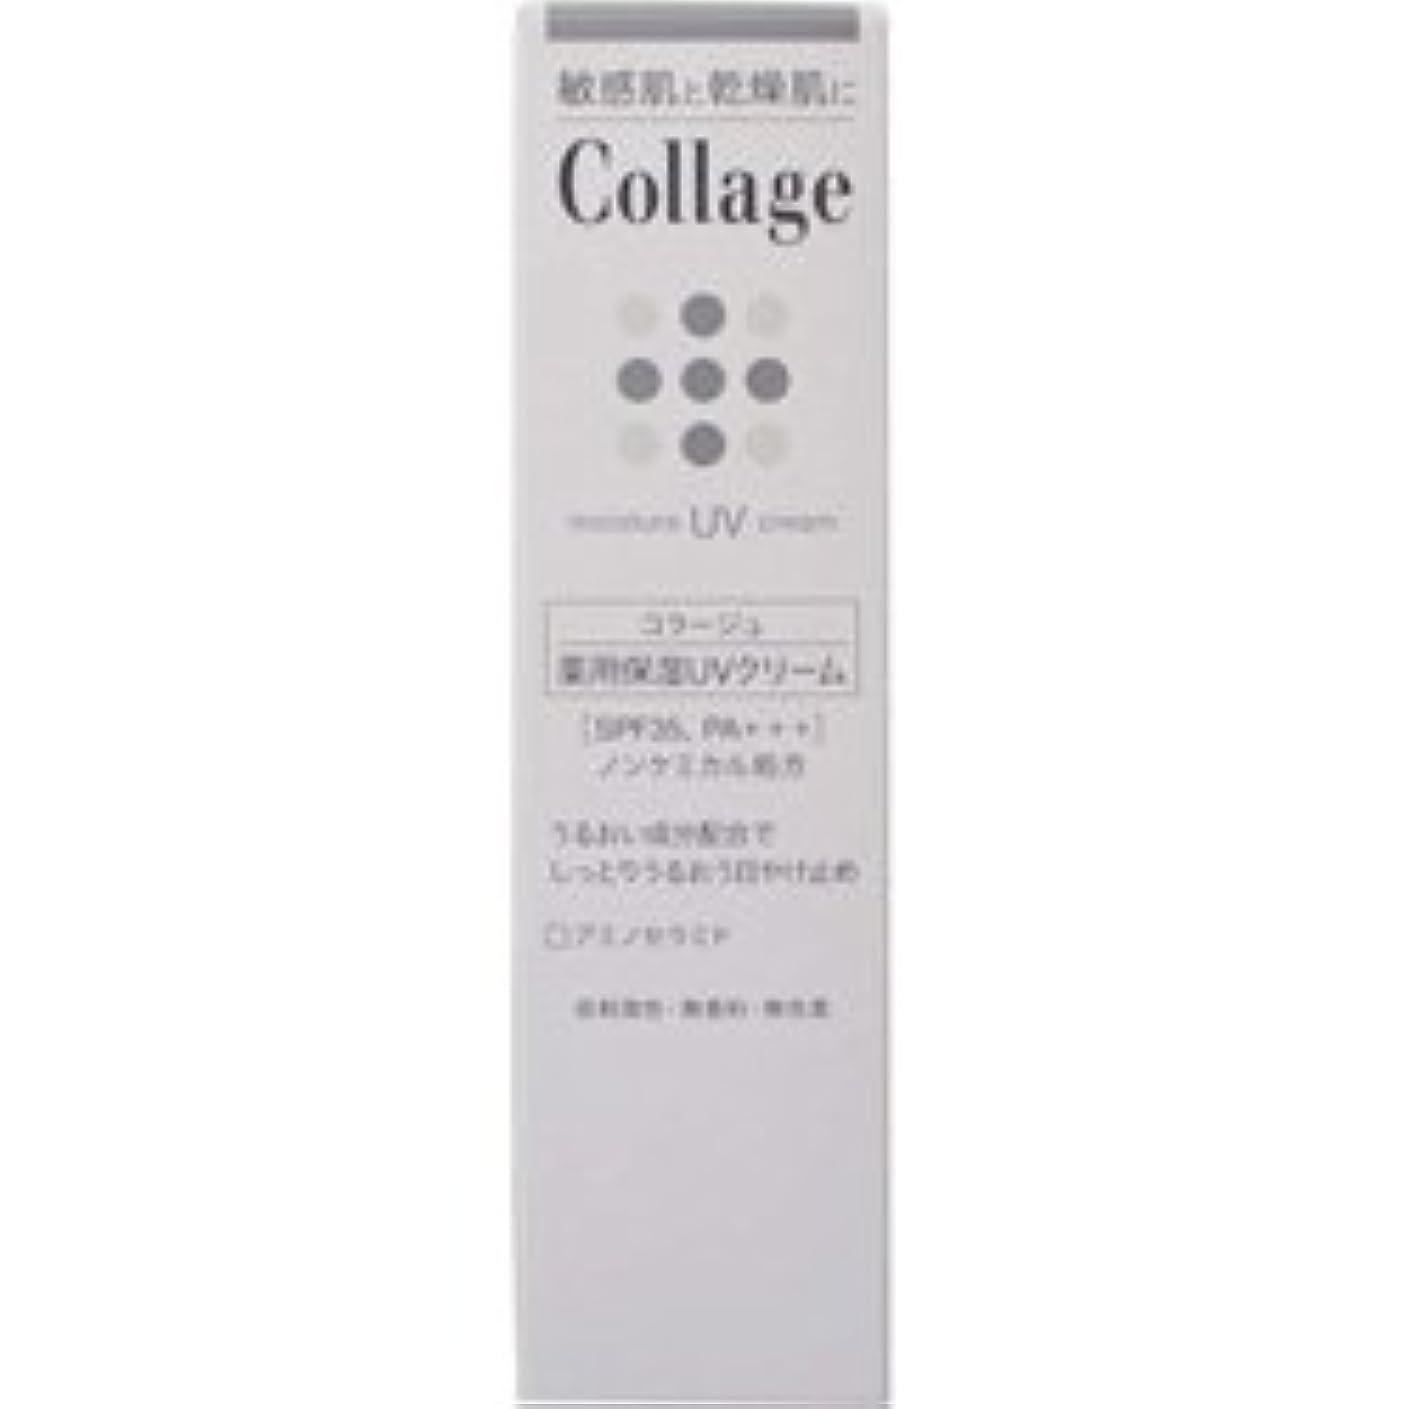 現実には購入日没【持田ヘルスケア】 コラージュ薬用保湿UVクリーム 30g (医薬部外品) ×3個セット